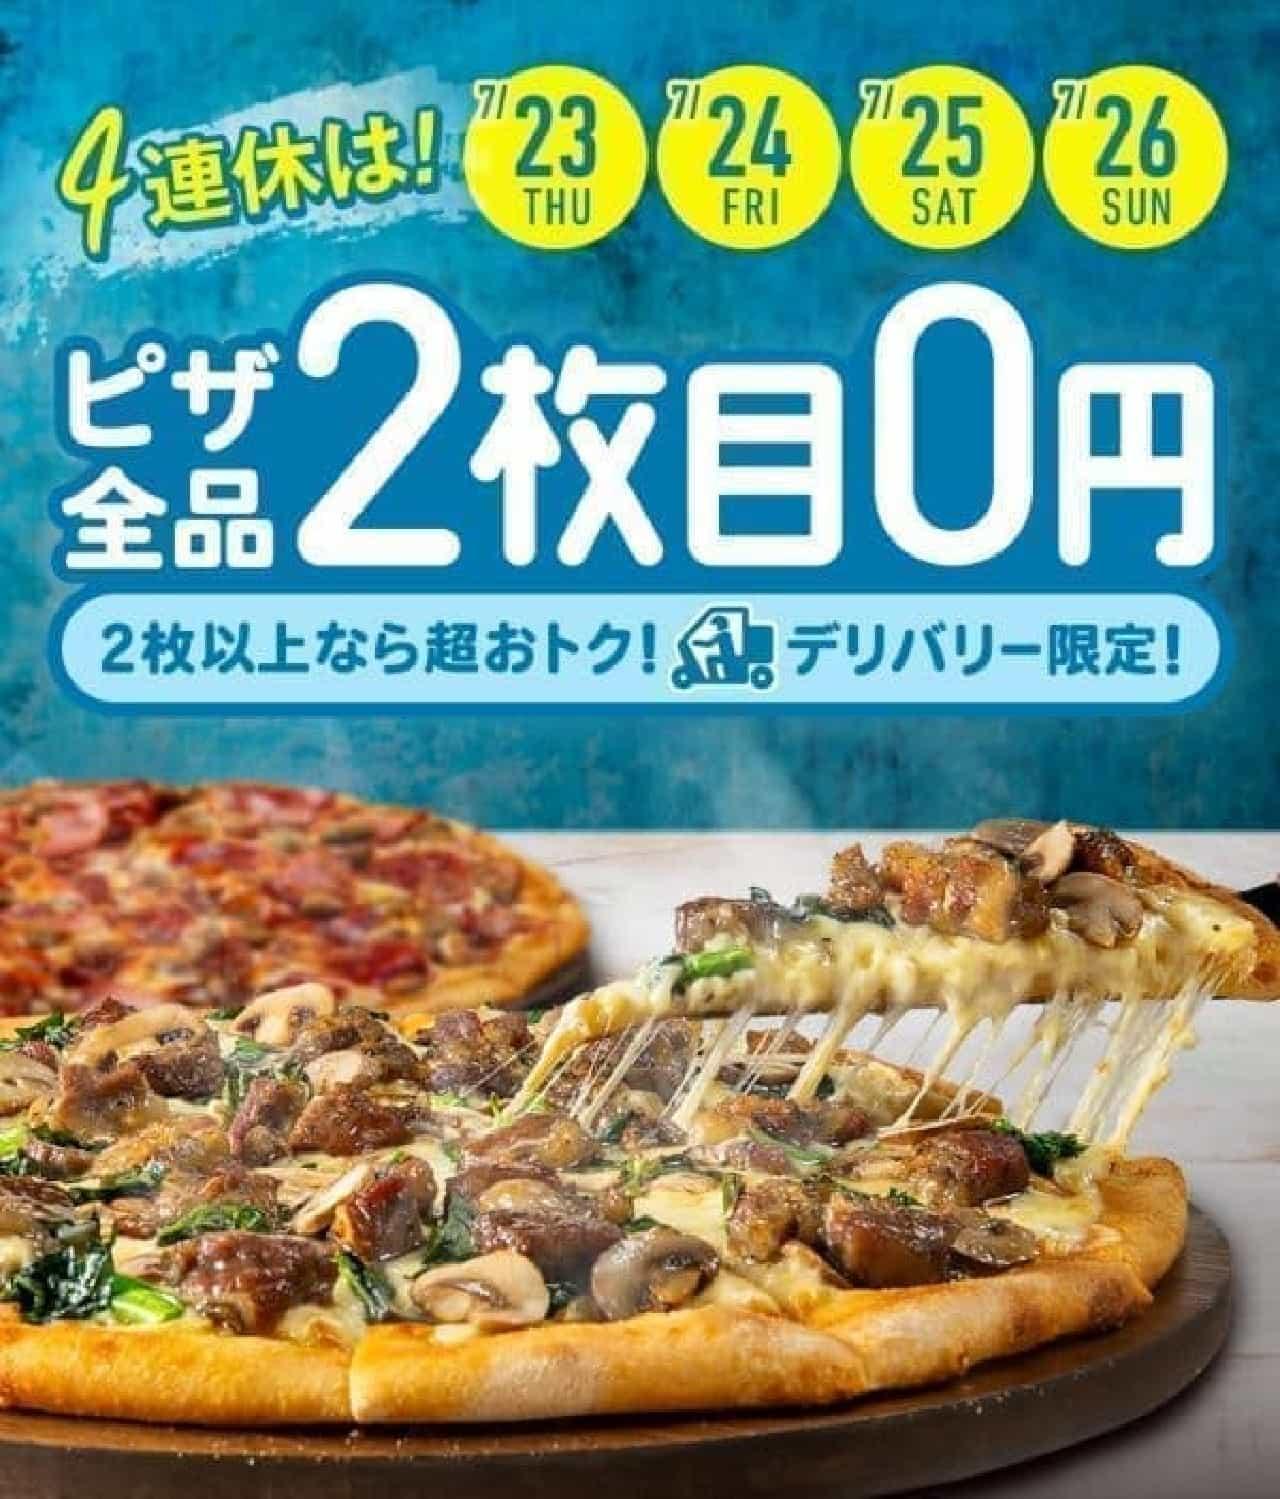 ドミノ・ピザ「デリバリー限定2枚目0円」キャンペーン